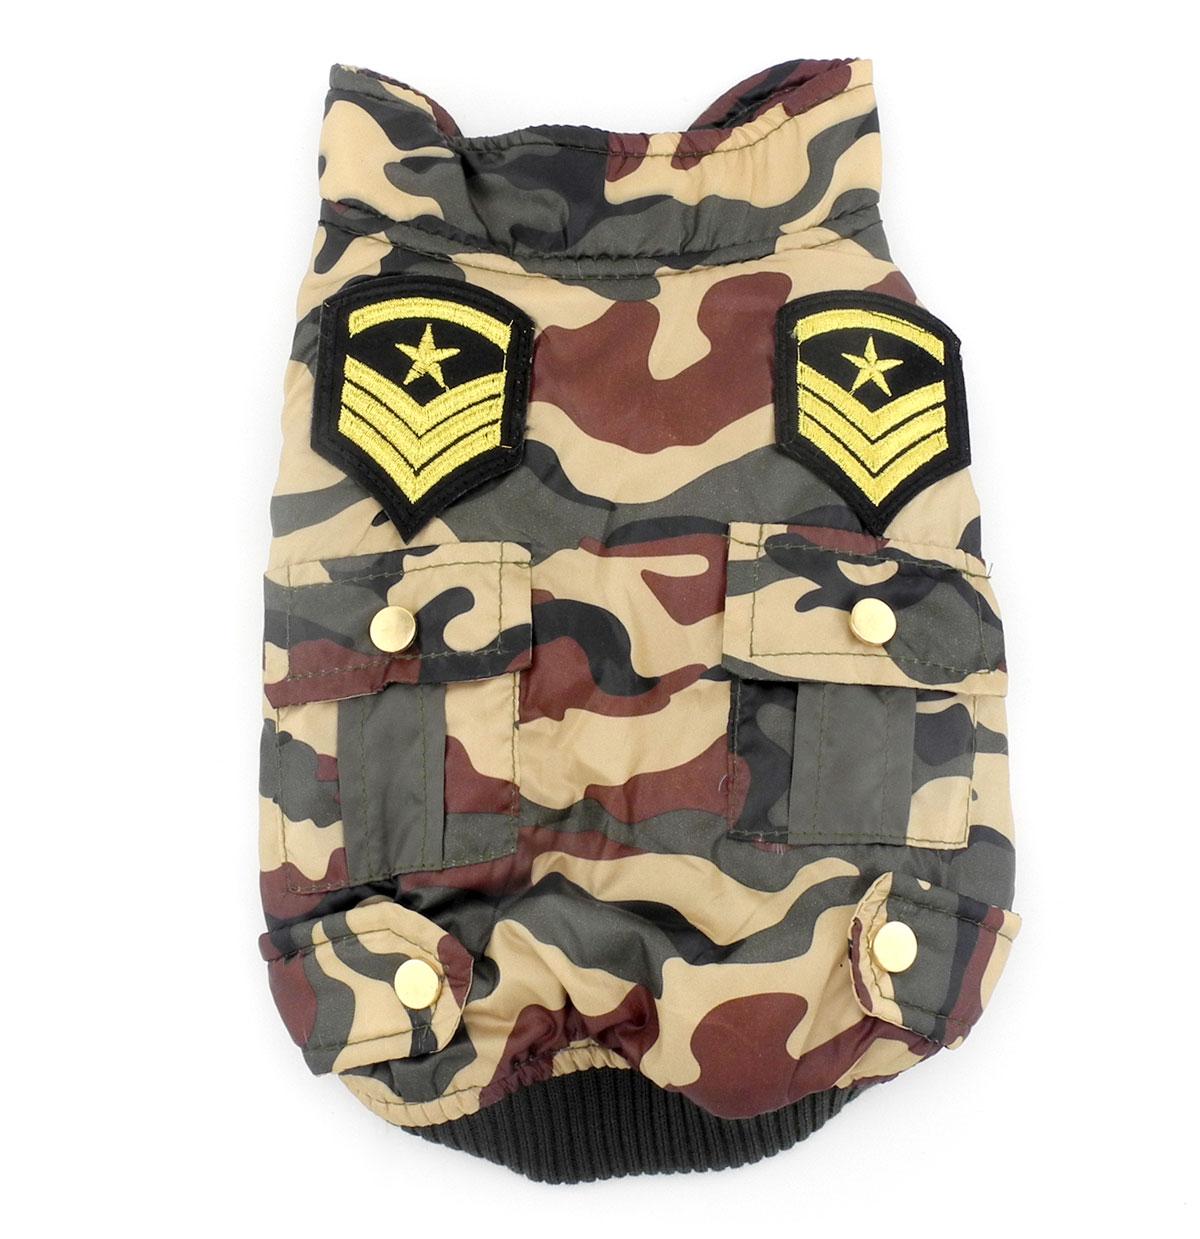 2017 Kis kisállat kutya macska ruhák Camo katonai egyenruha - Pet termékek